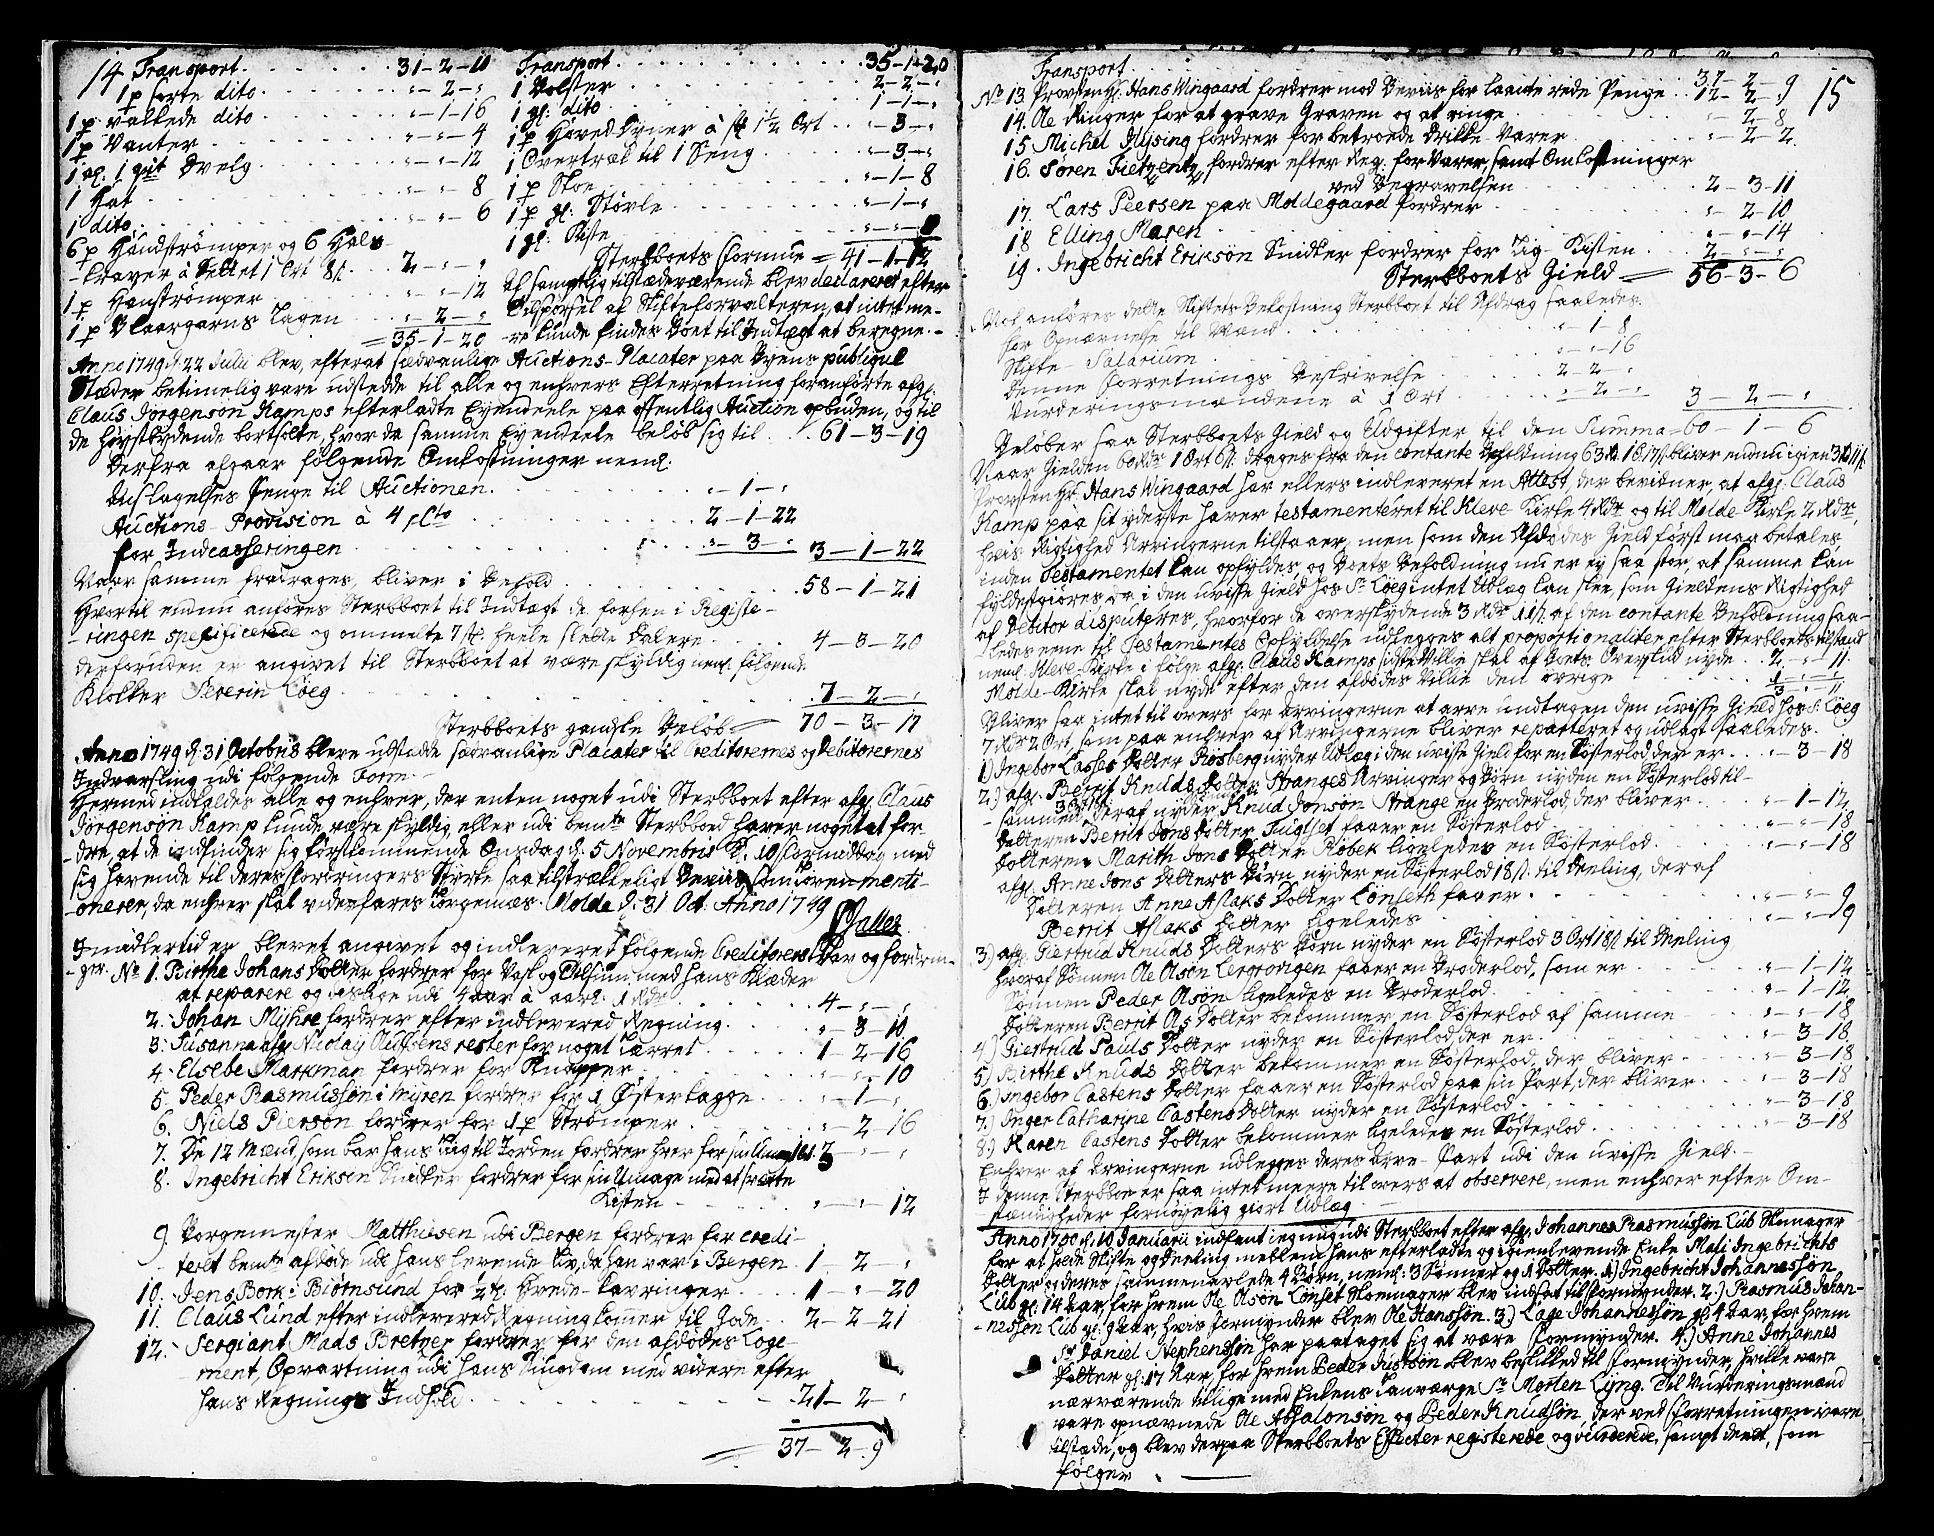 SAT, Molde byfogd, 3/3Aa/L0001: Skifteprotokoll, 1748-1768, s. 14-15